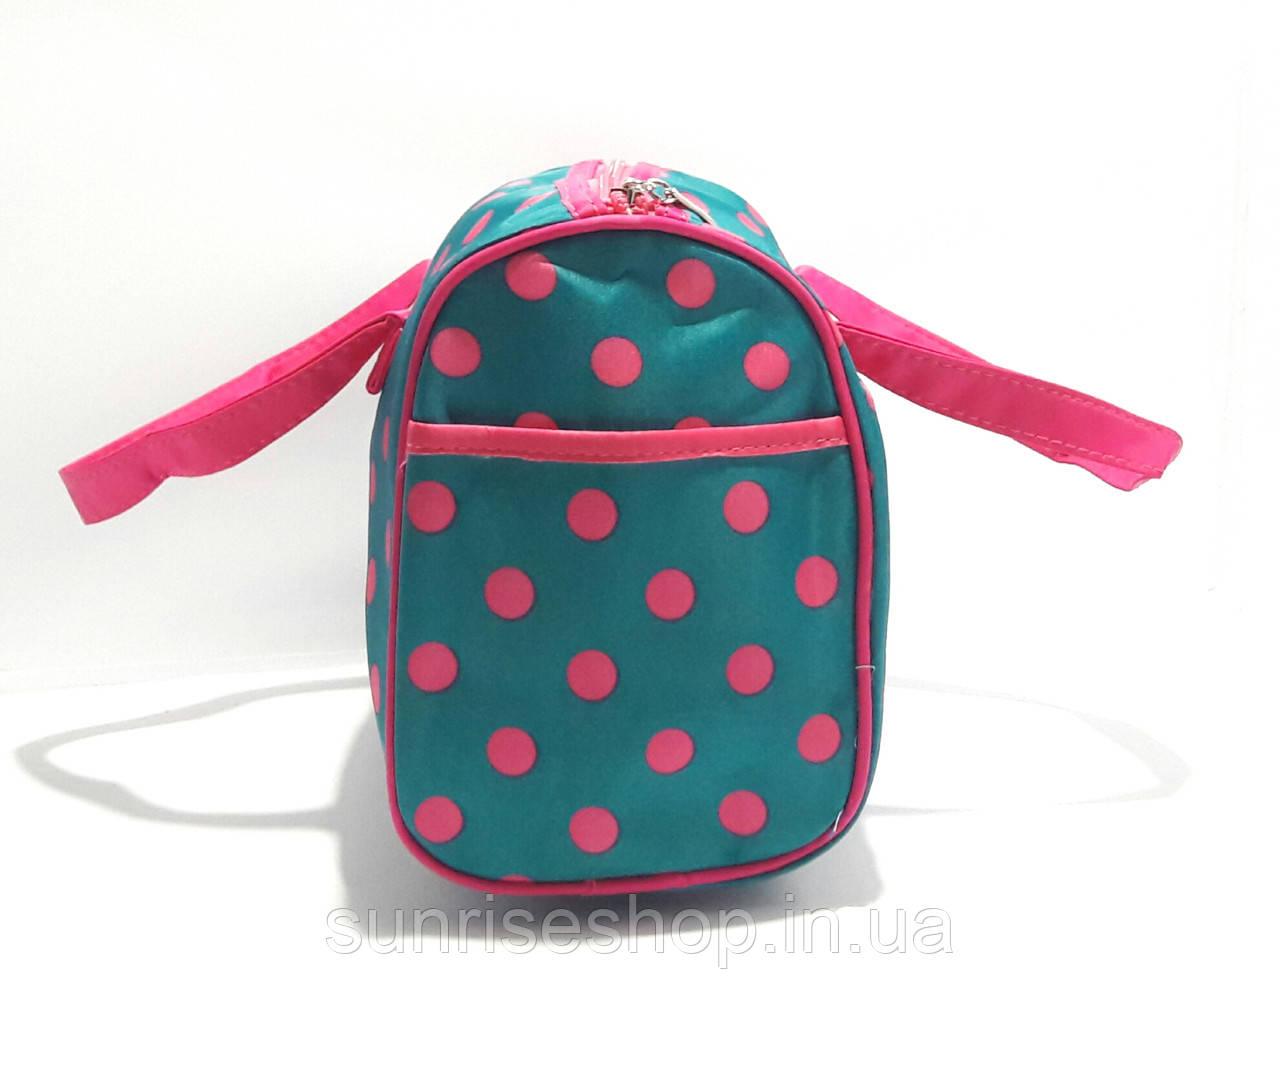 Женская косметичка несессер в форме сумки - фото 5